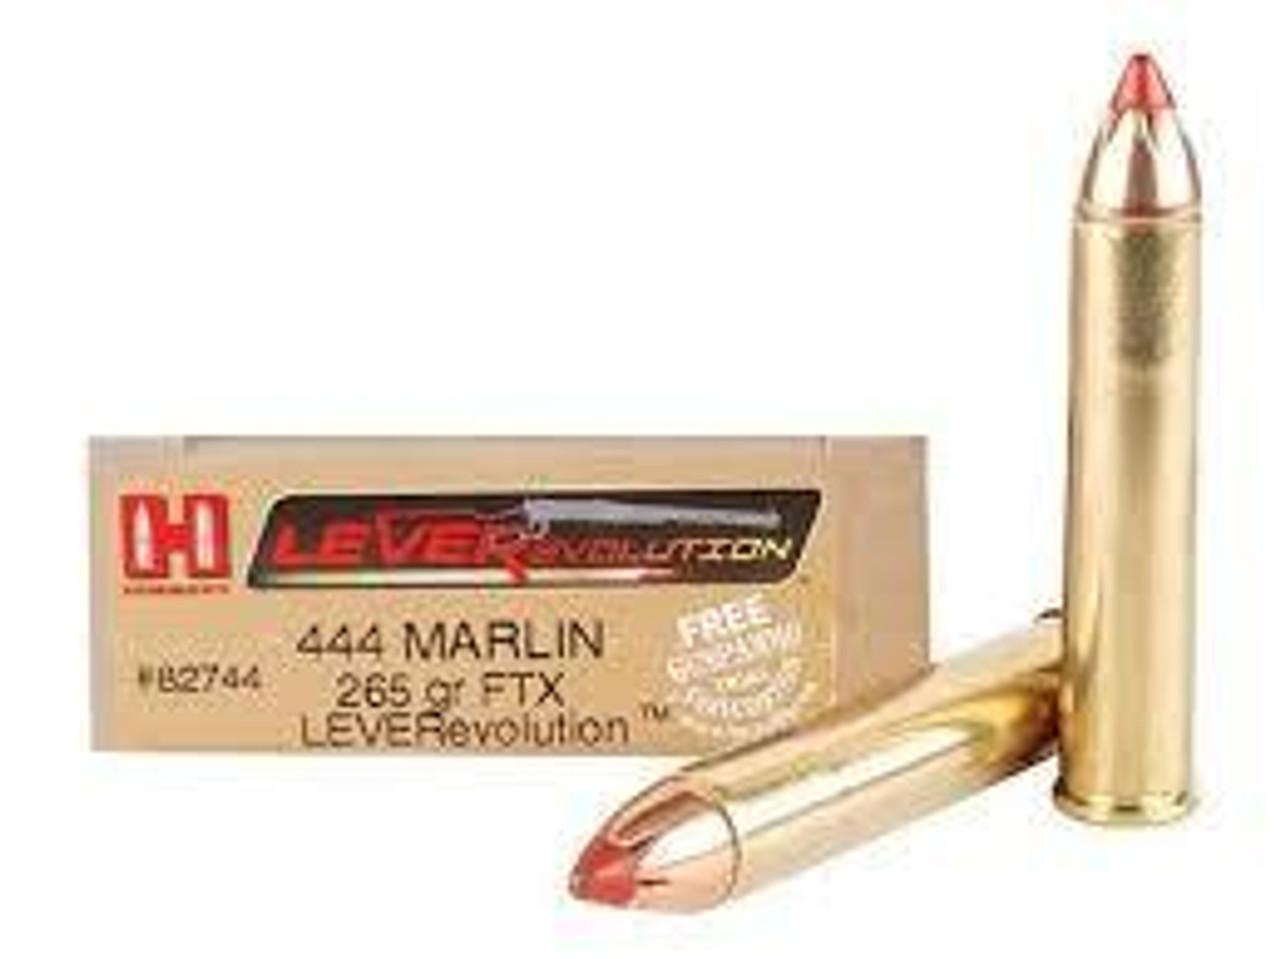 444 Marlin Ammo